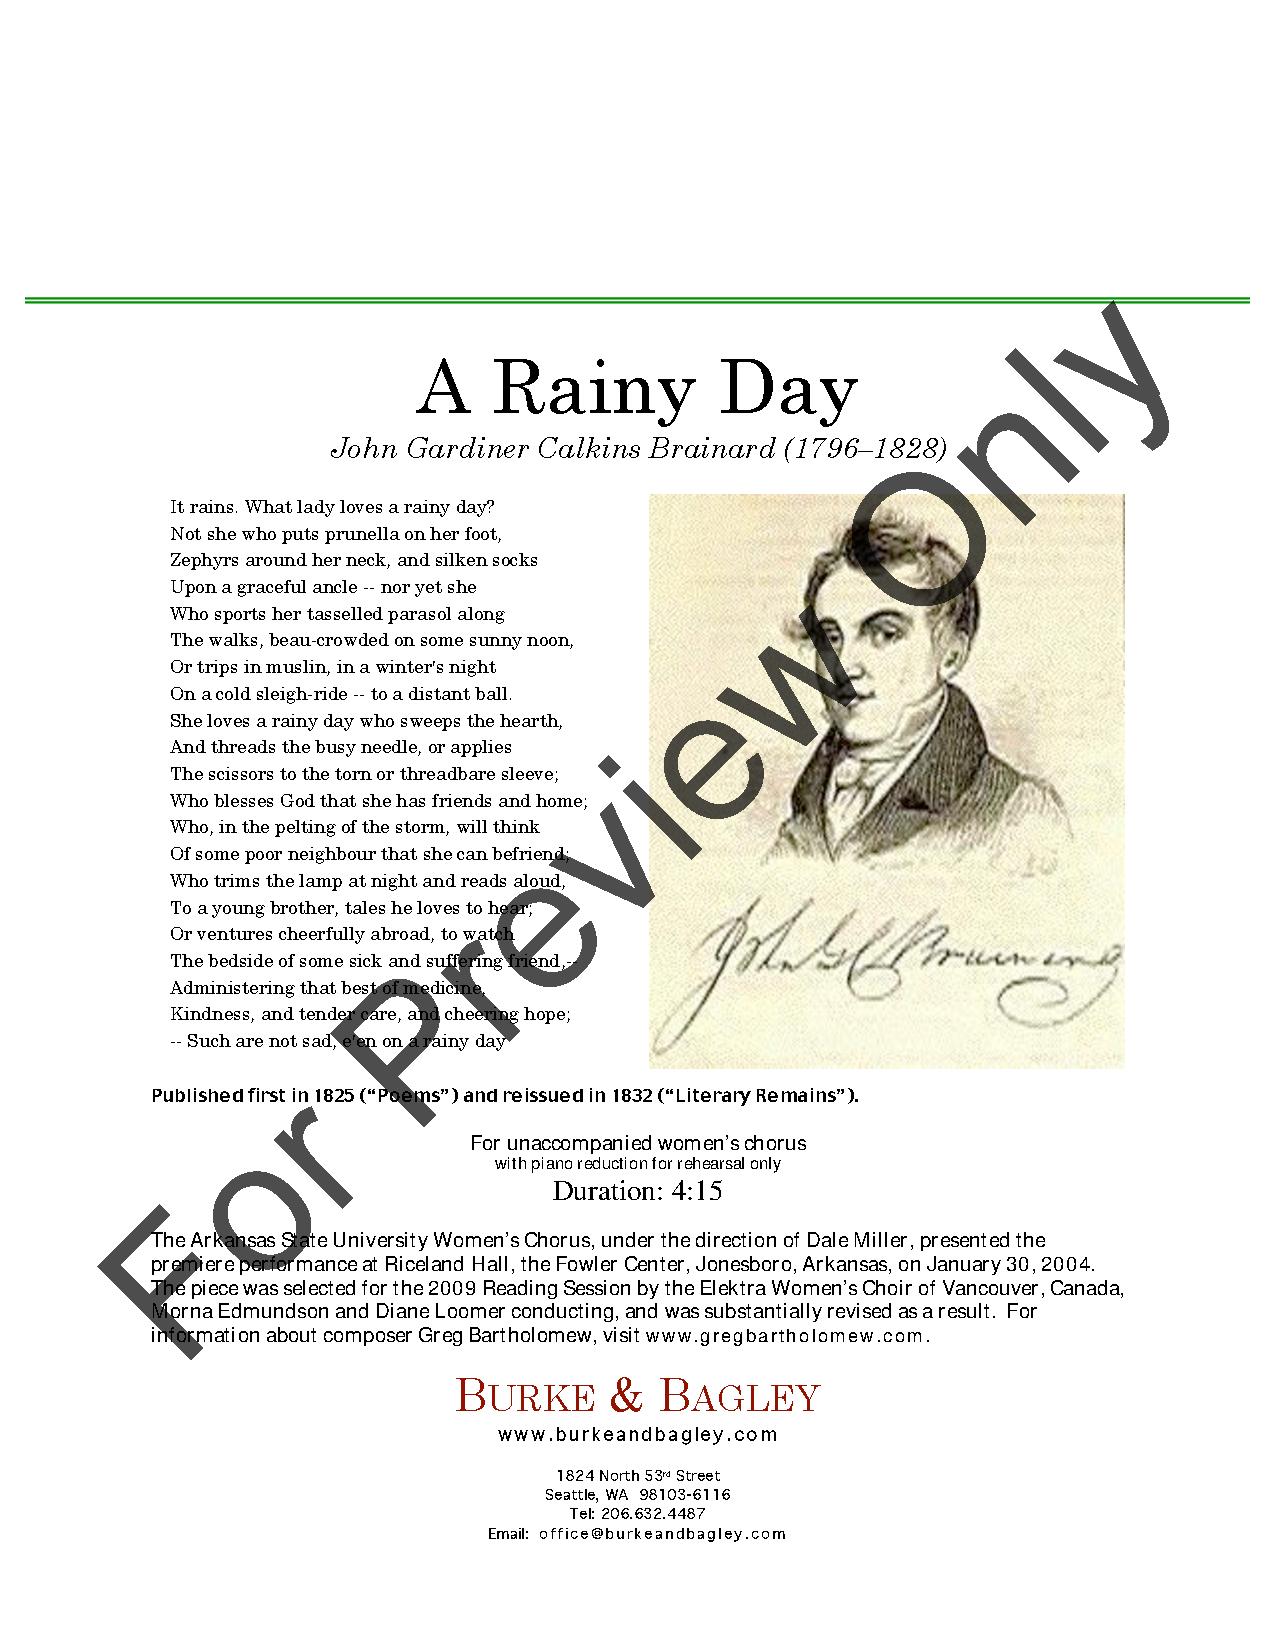 A Rainy Day Thumbnail